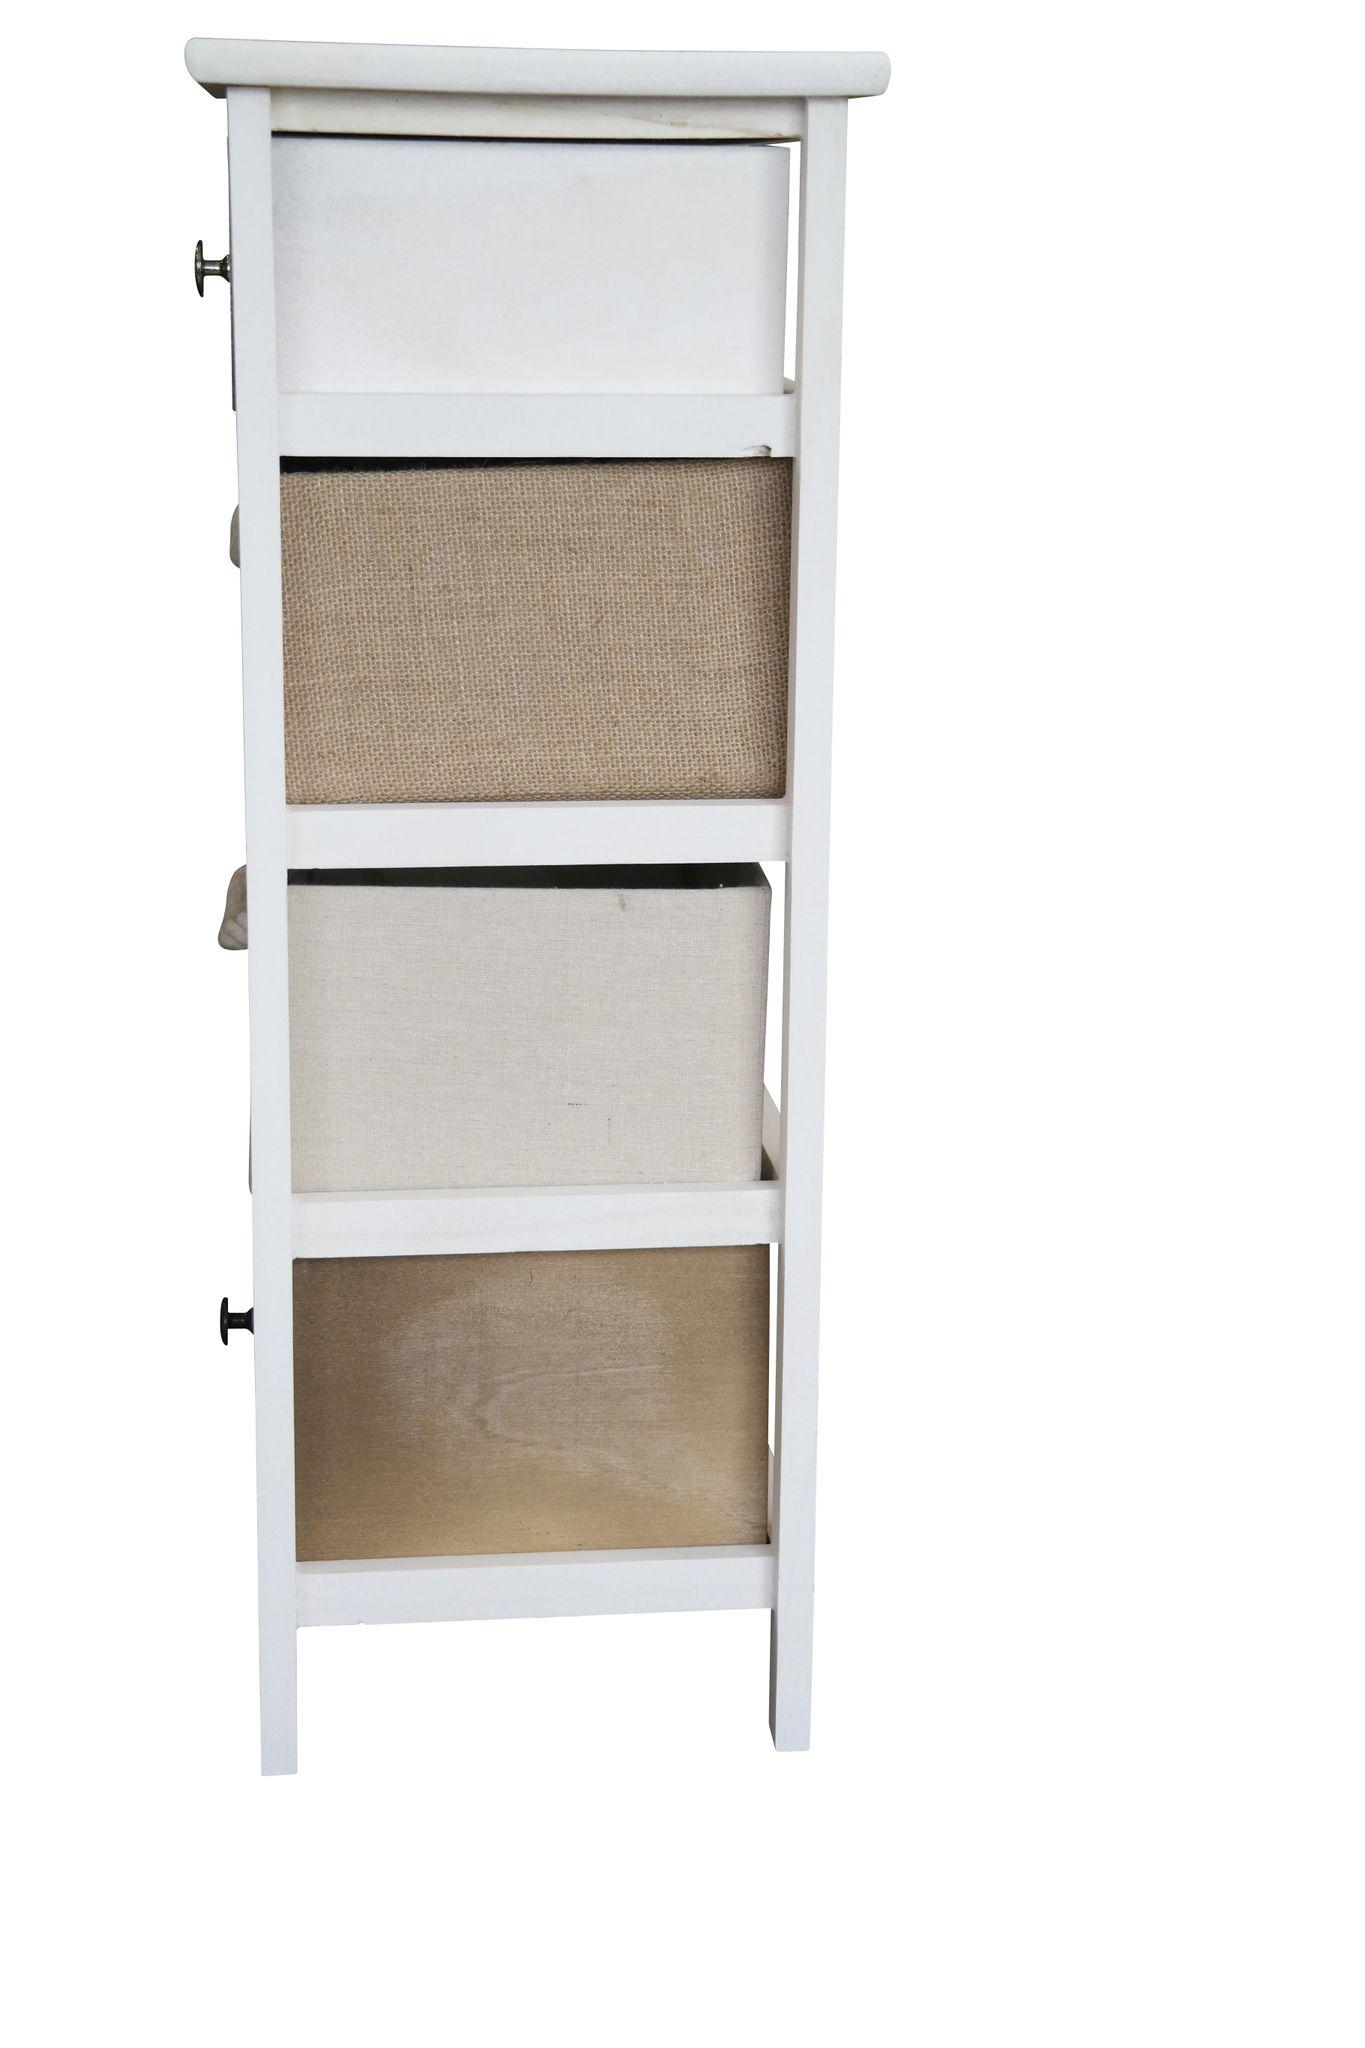 kommode schrank mit schubladen bunt landhaus shabby chic vintage wei k rbe ebay. Black Bedroom Furniture Sets. Home Design Ideas